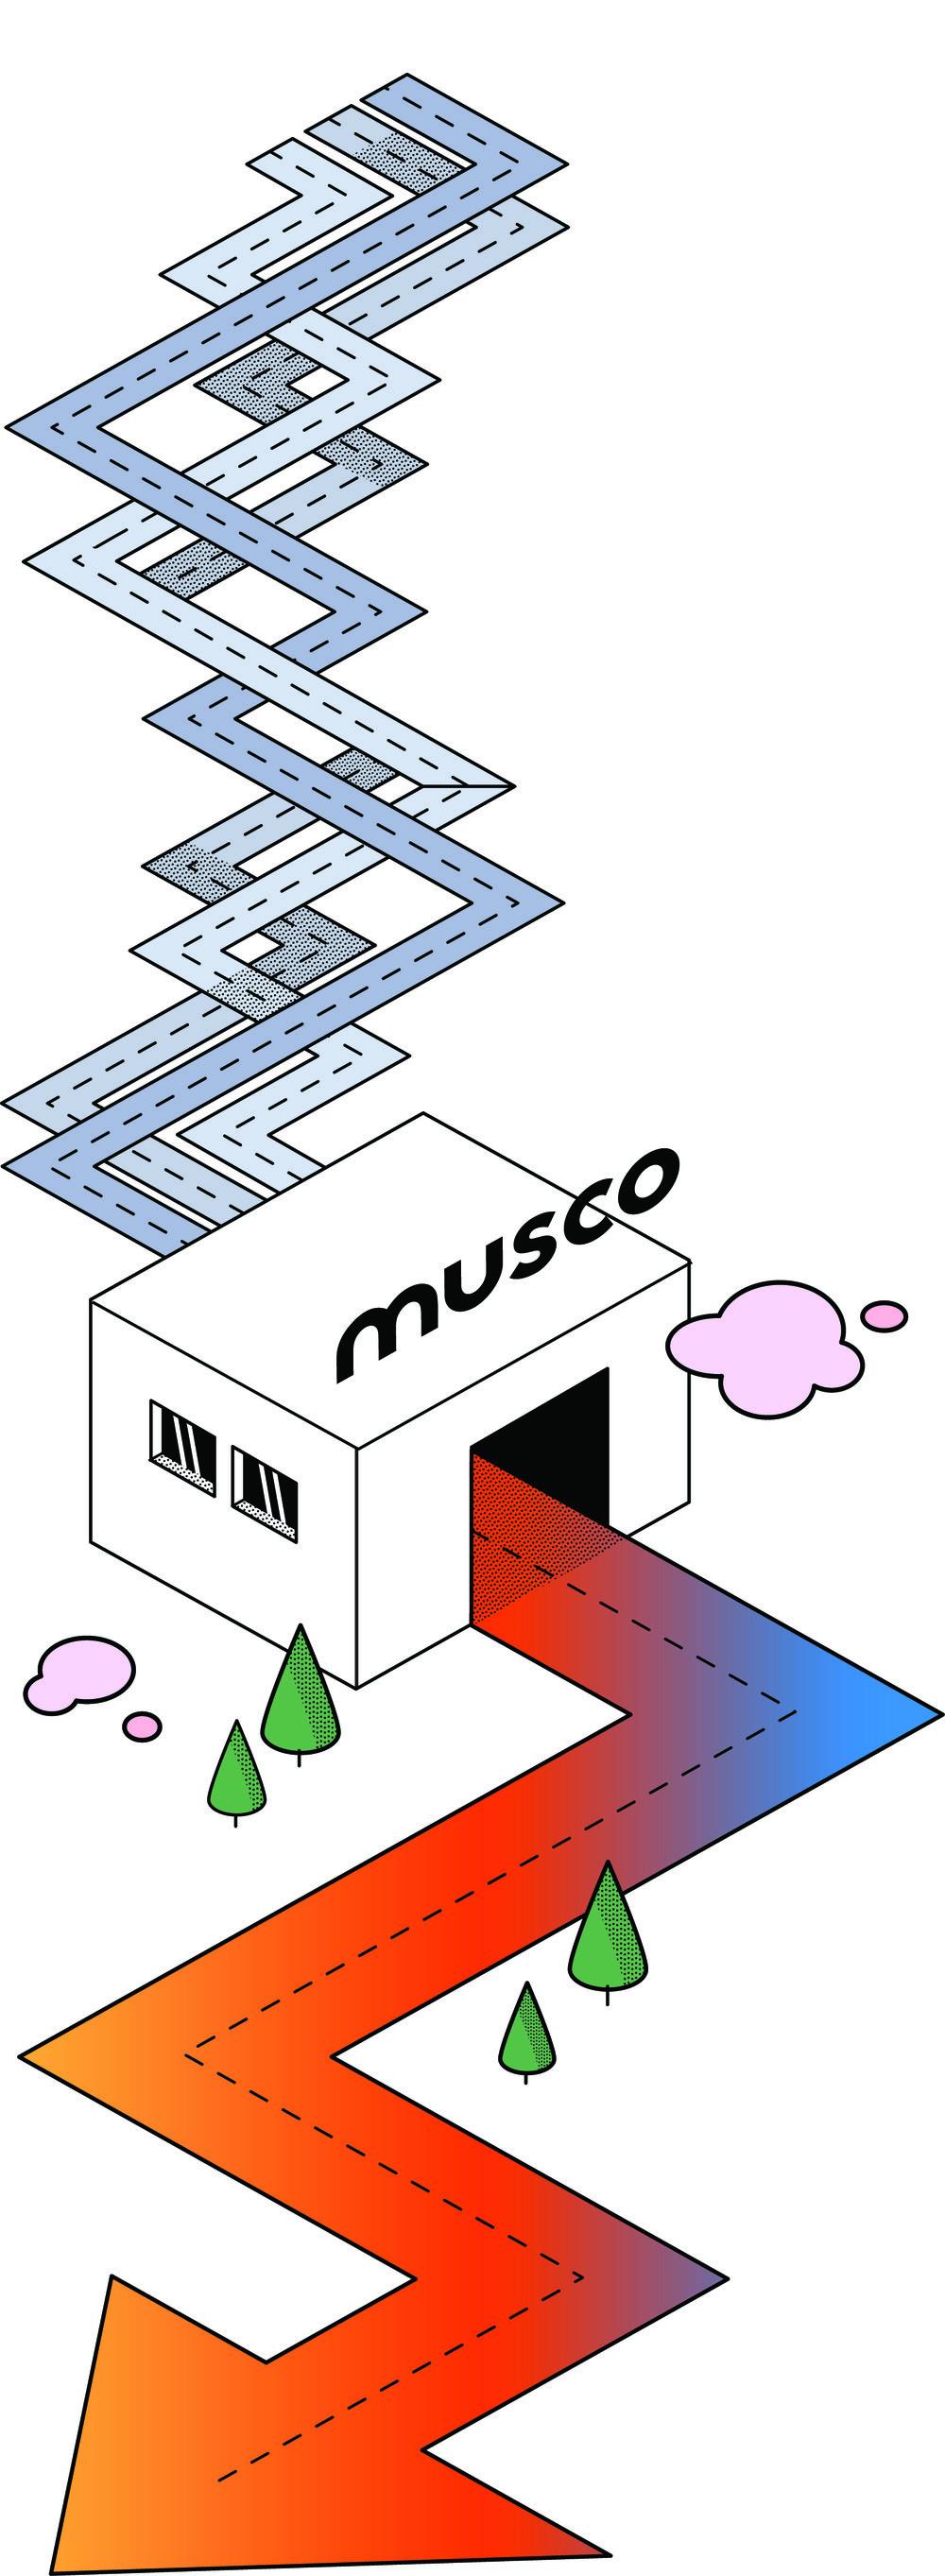 musco-a4.jpg